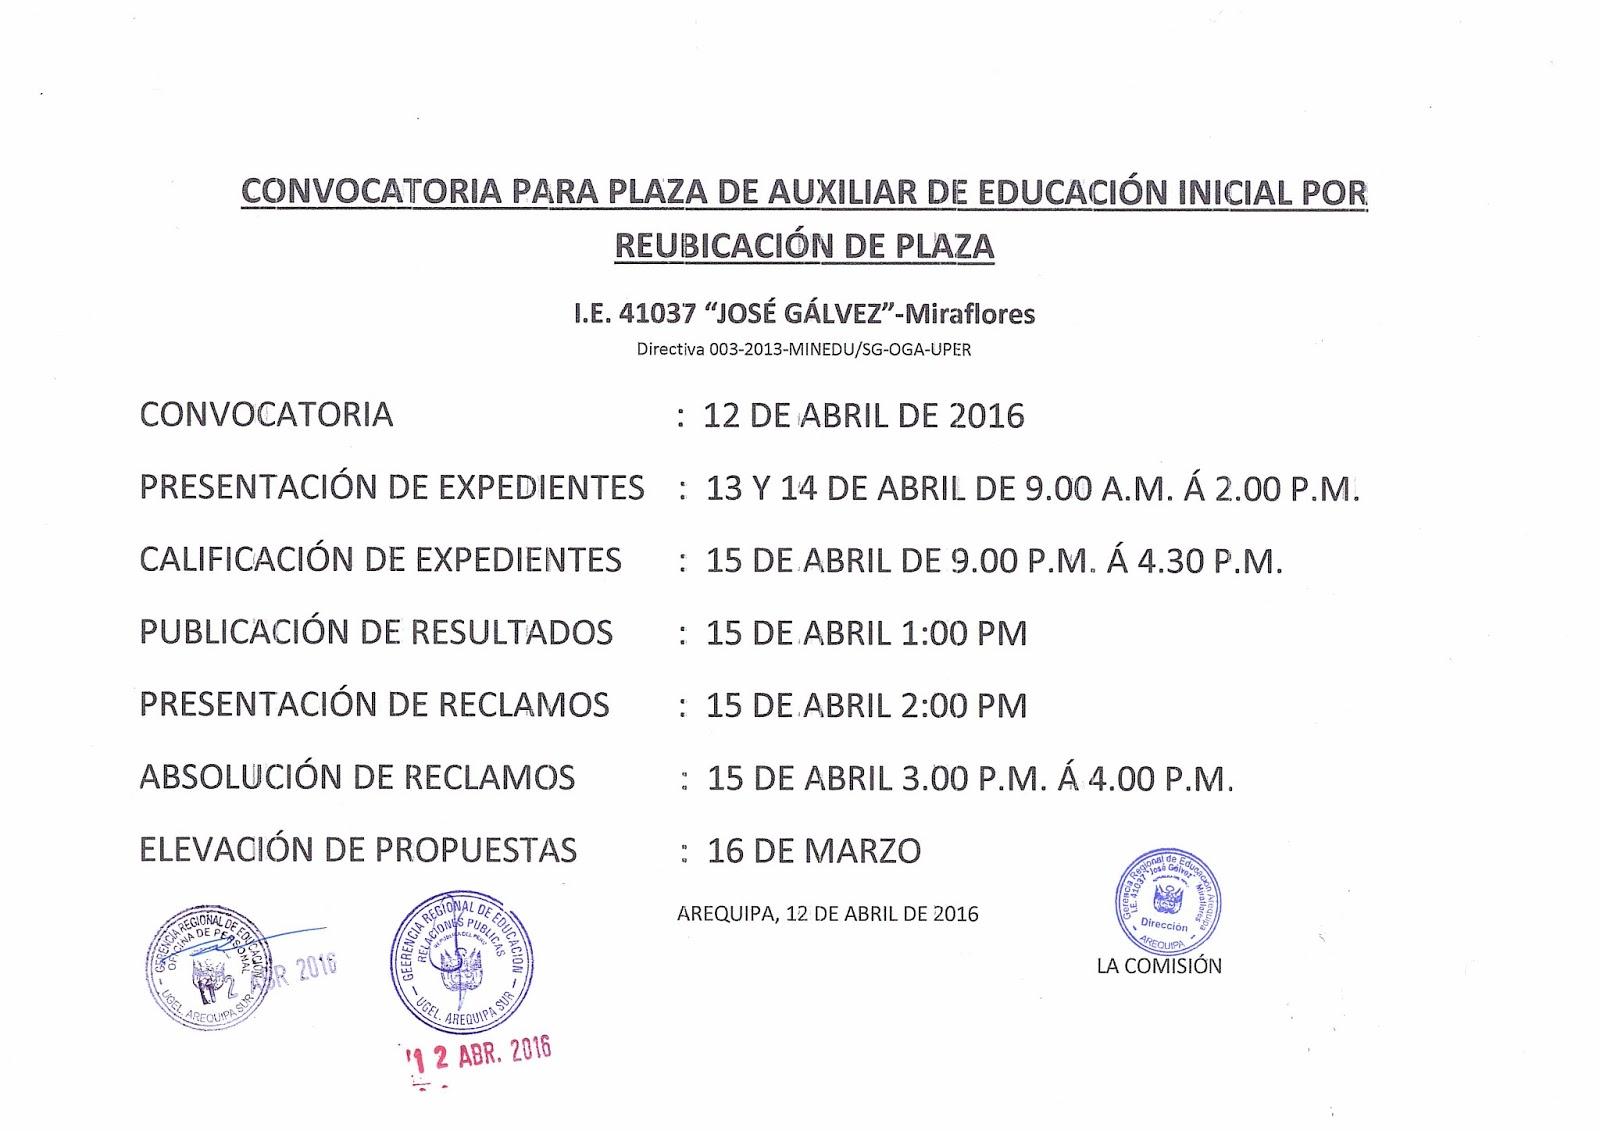 Convocatoria para plaza de auxiliar de educaci n inicial i for Convocatoria para plazas docentes 2016